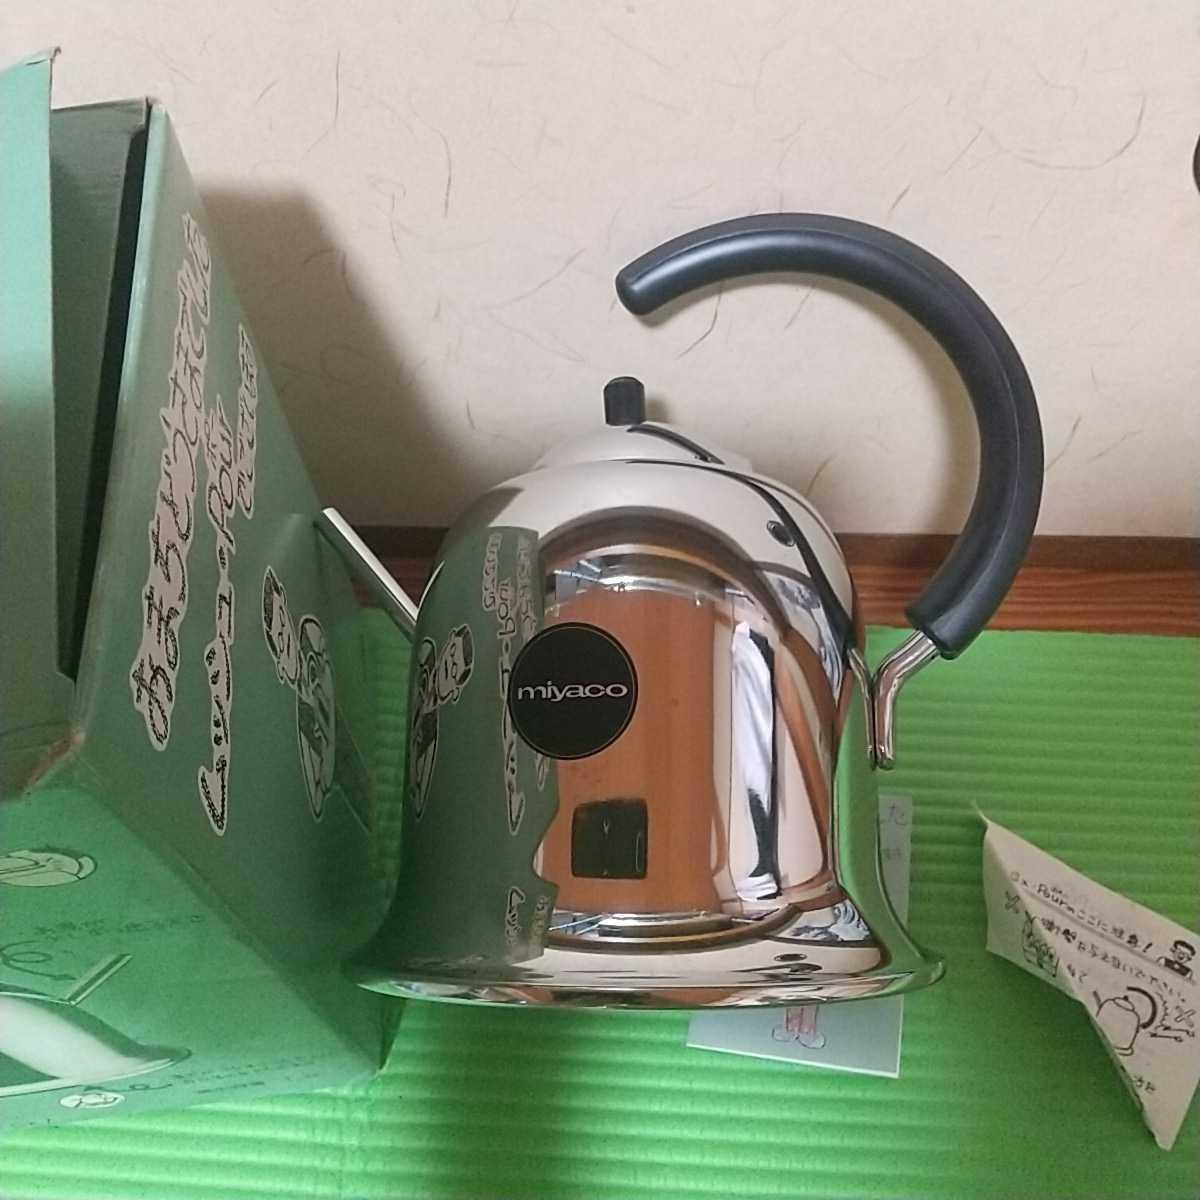 ステンレス ケトル コーヒー ムッシュ ポー Miyako 18-8 電磁調理器